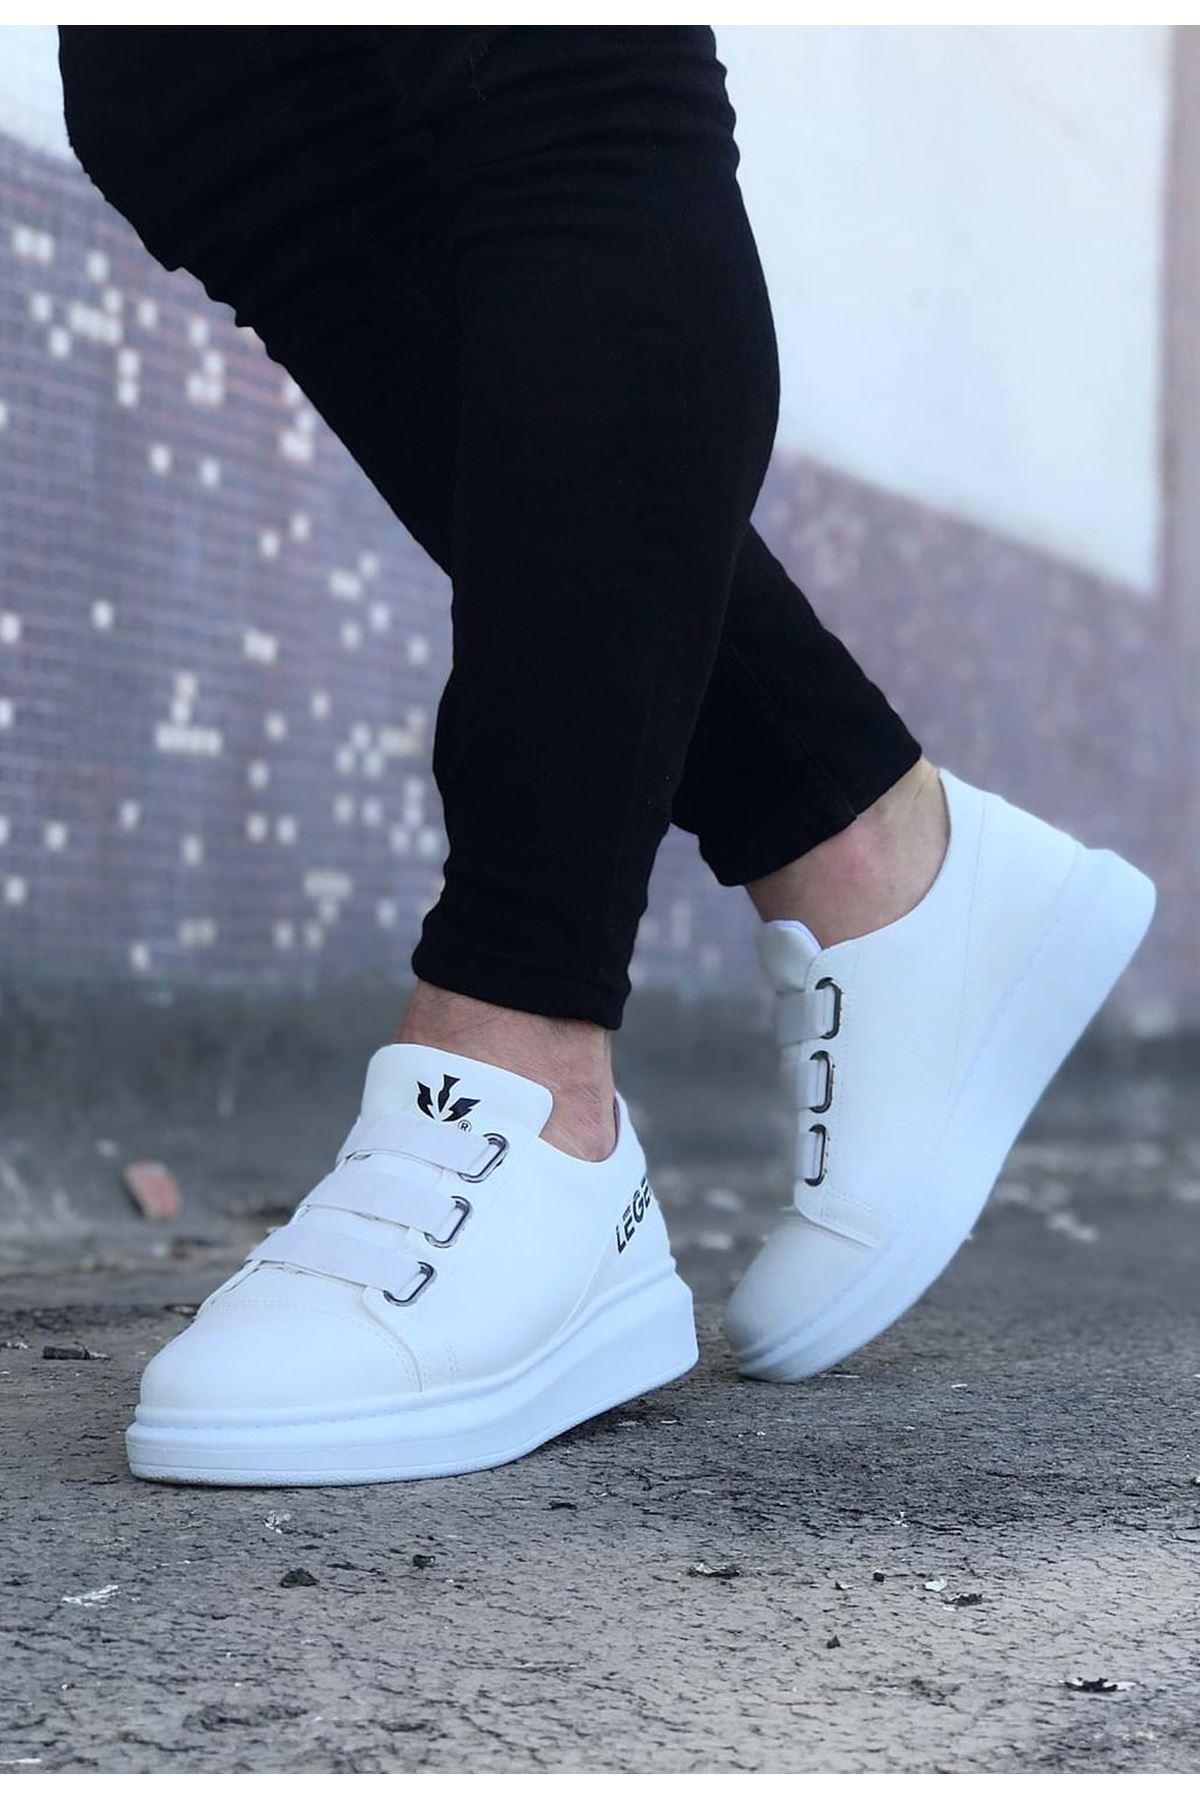 Wagoon WG029 Beyaz Kalın Taban Casual Erkek Ayakkabı